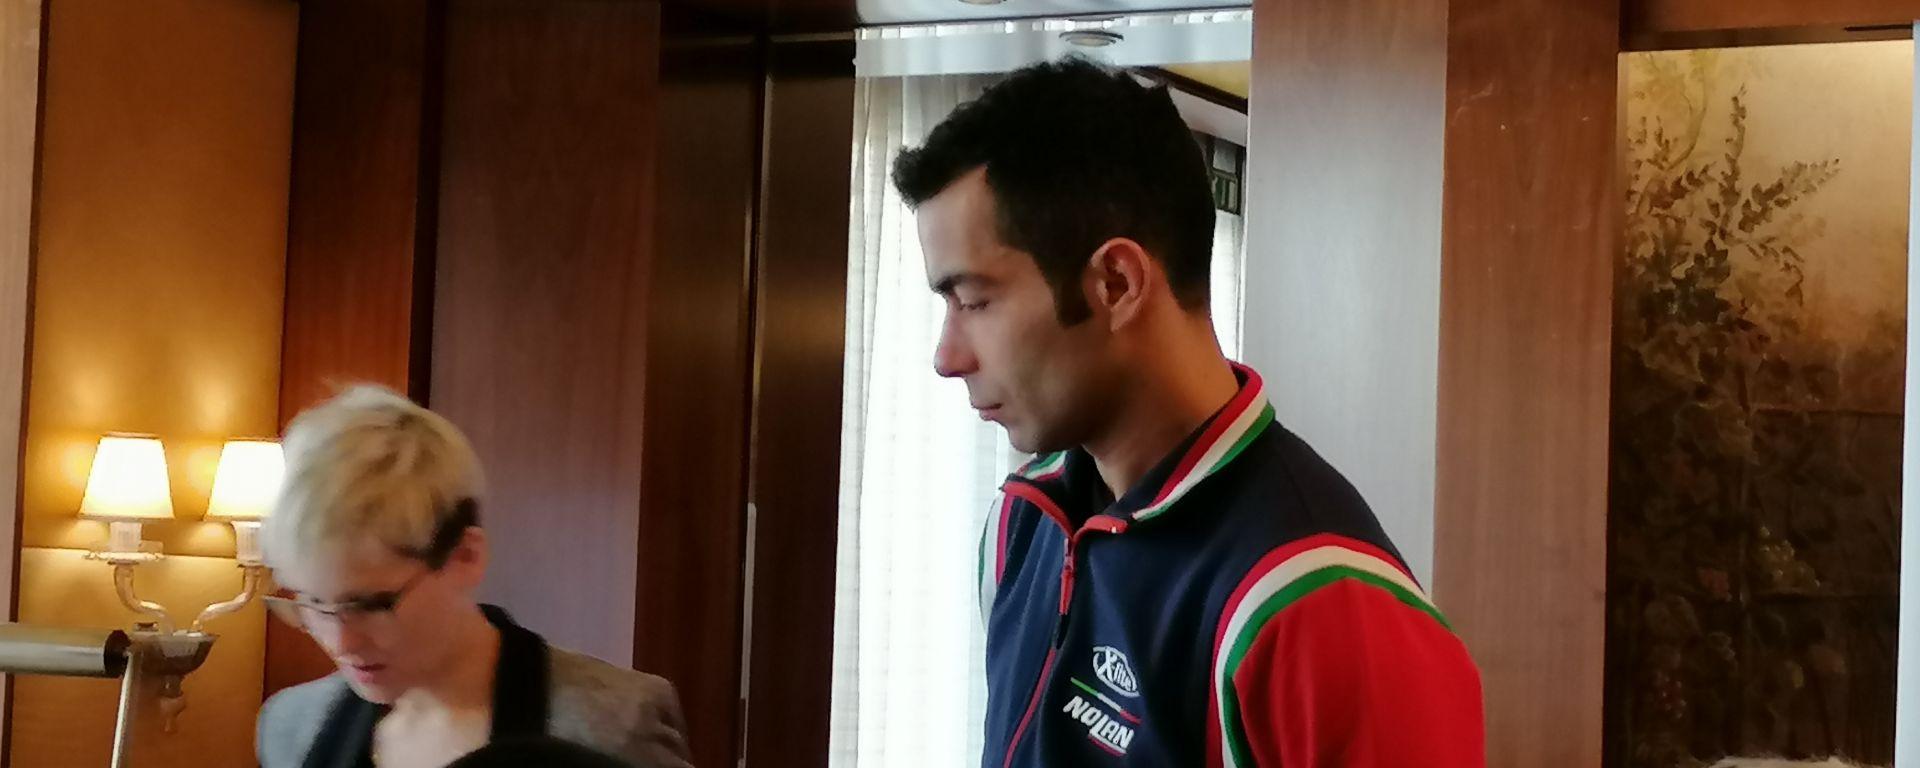 Evento Nolan a Milano, 13-02-2020: Danilo Petrucci (Ducati)